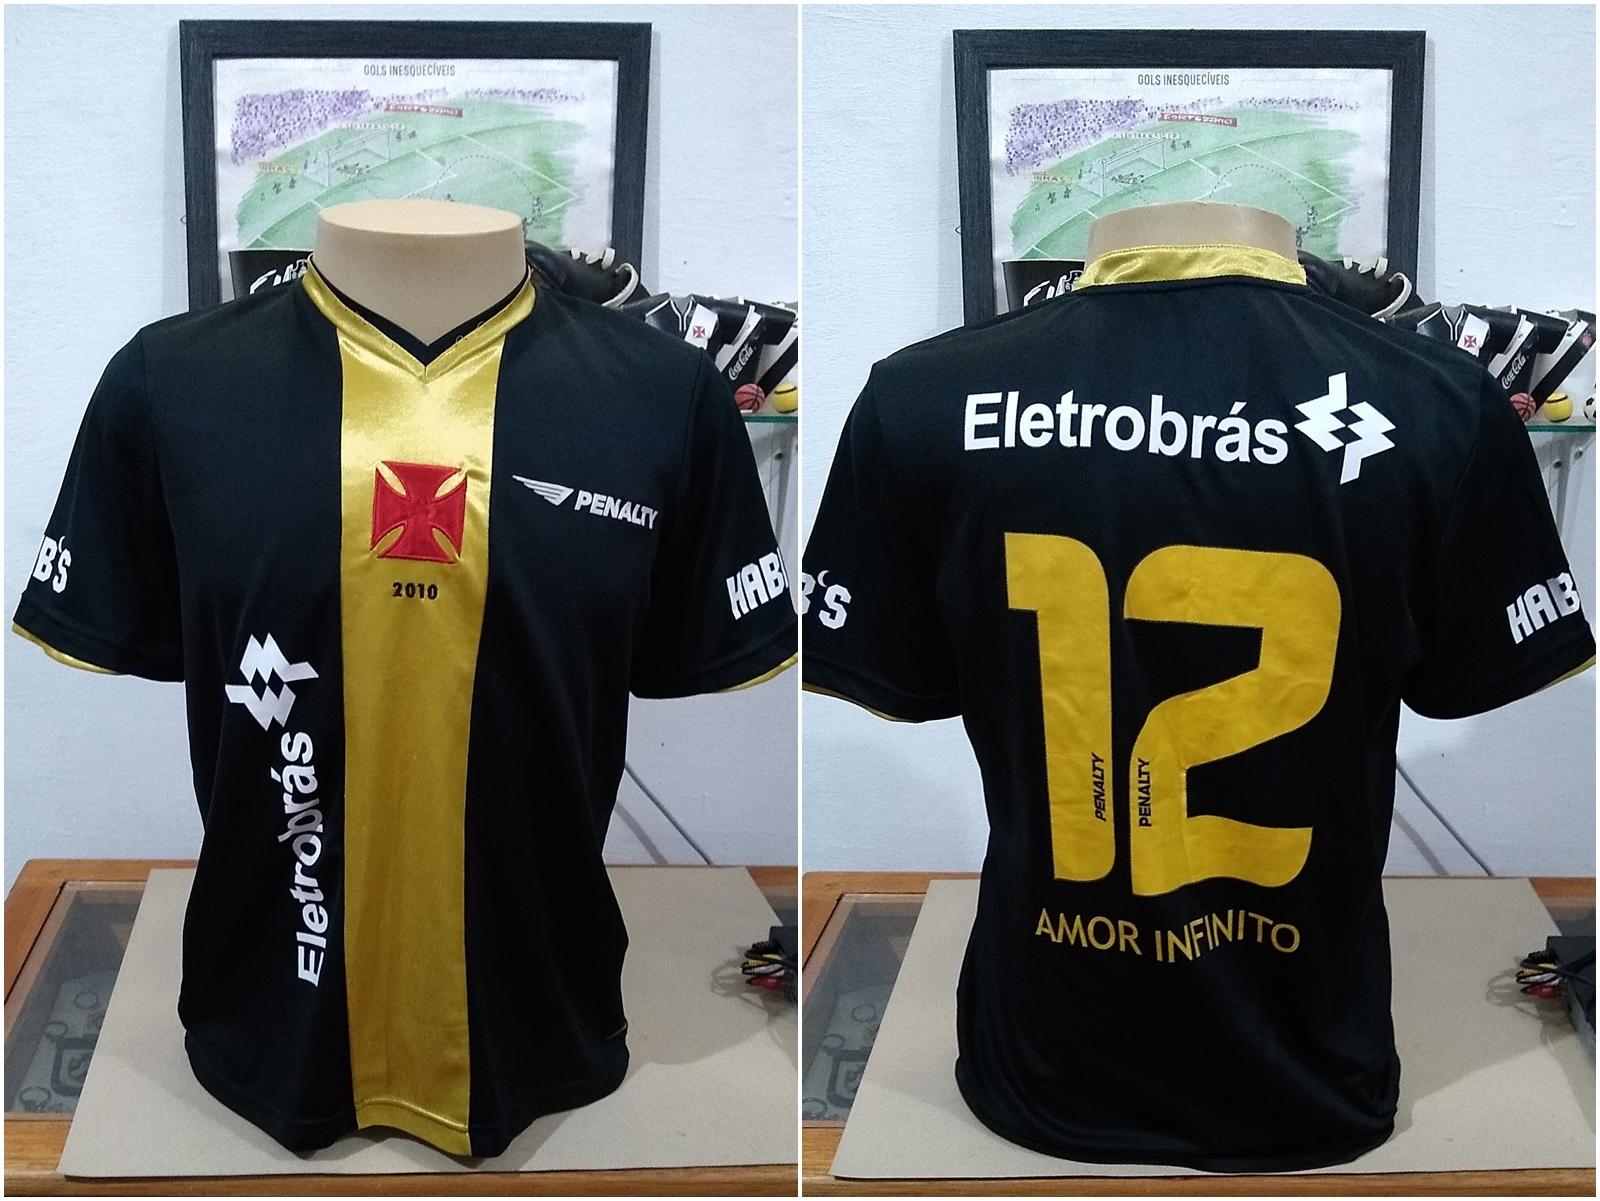 39e399b0e8 Camisa Oficial do Club de Regatas Vasco da Gama